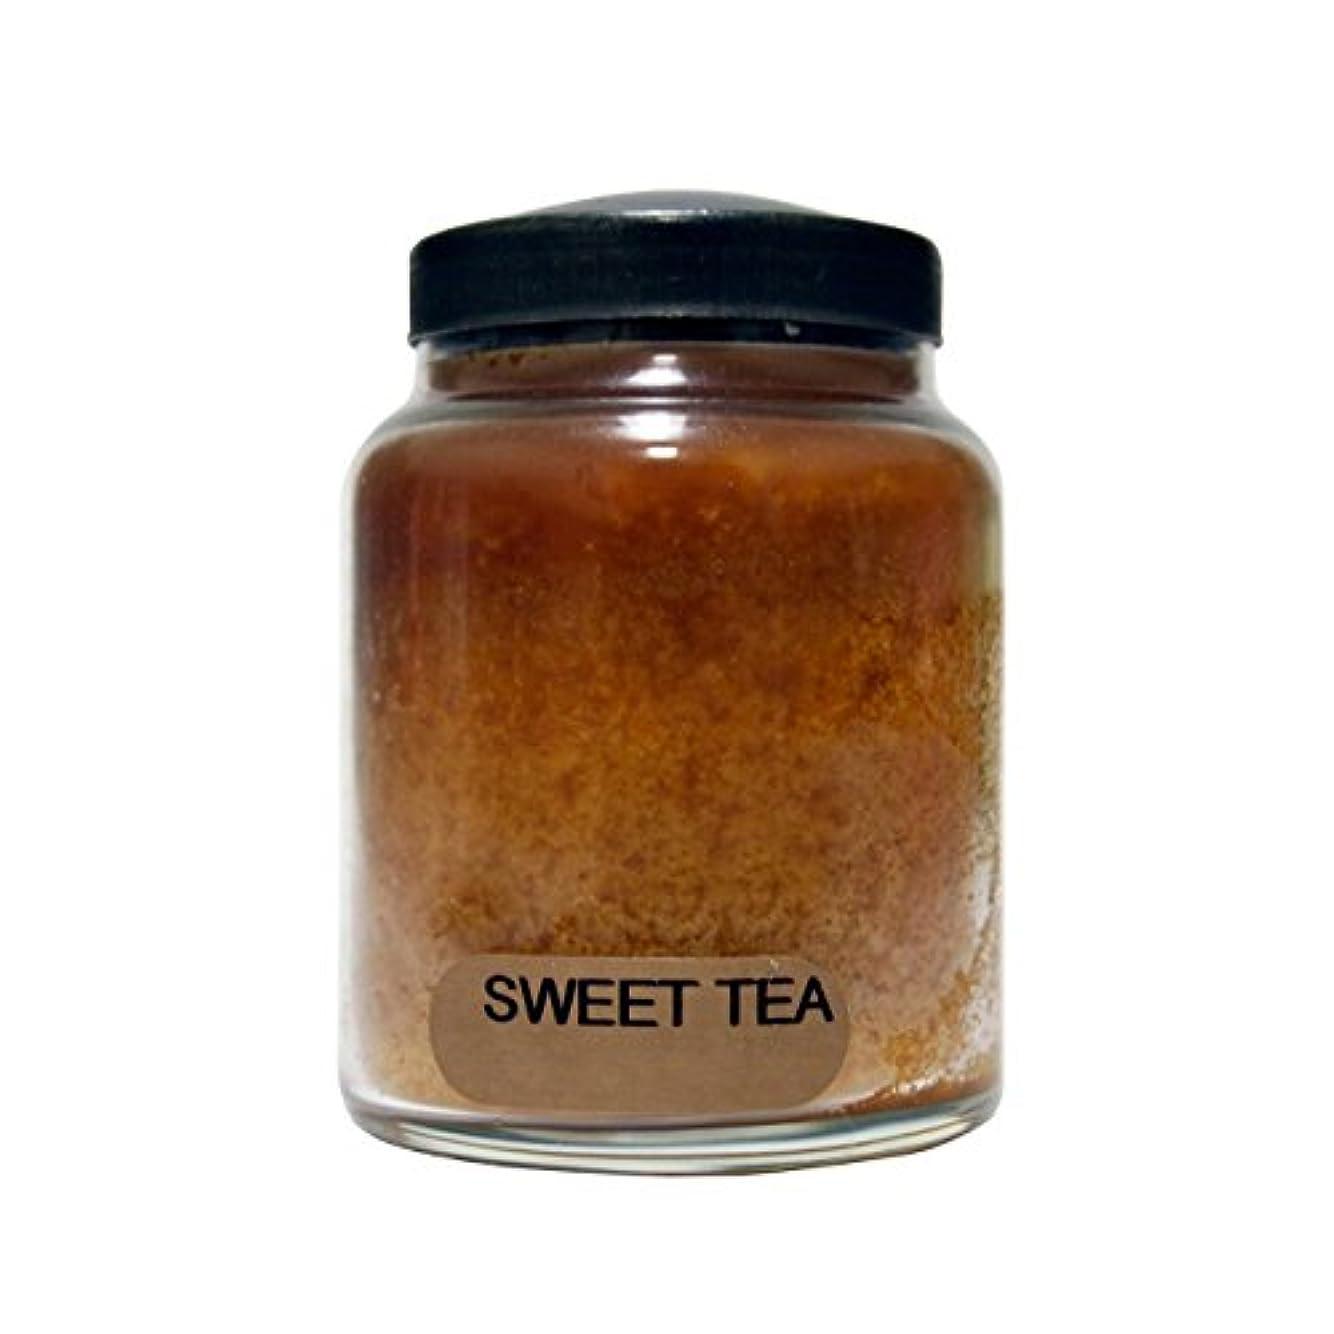 コース吸い込むA Cheerful Giver Sweet Tea Baby Jar Candle, 6-Ounce [並行輸入品]